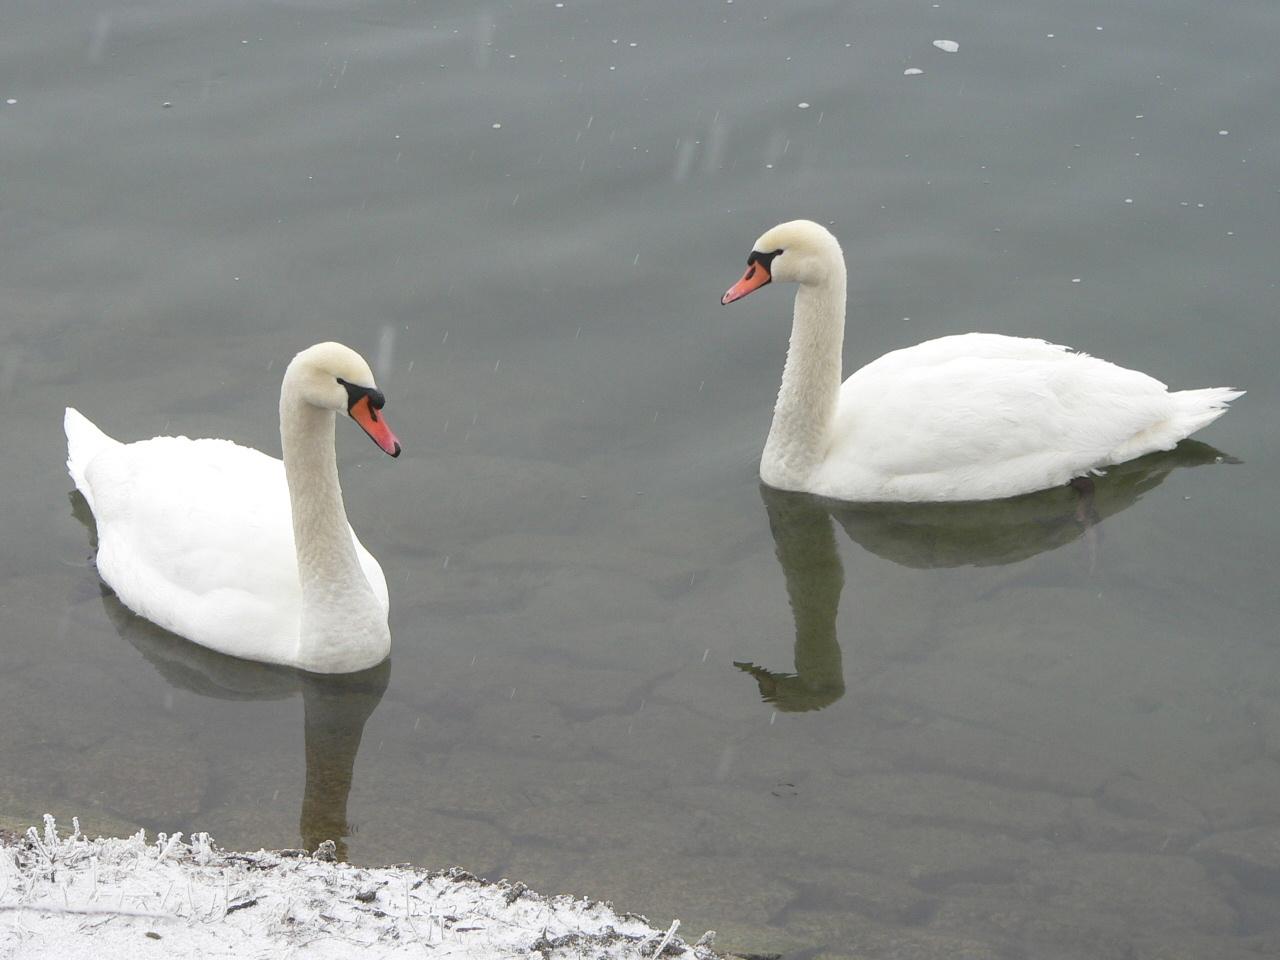 schneeweiß, die beiden